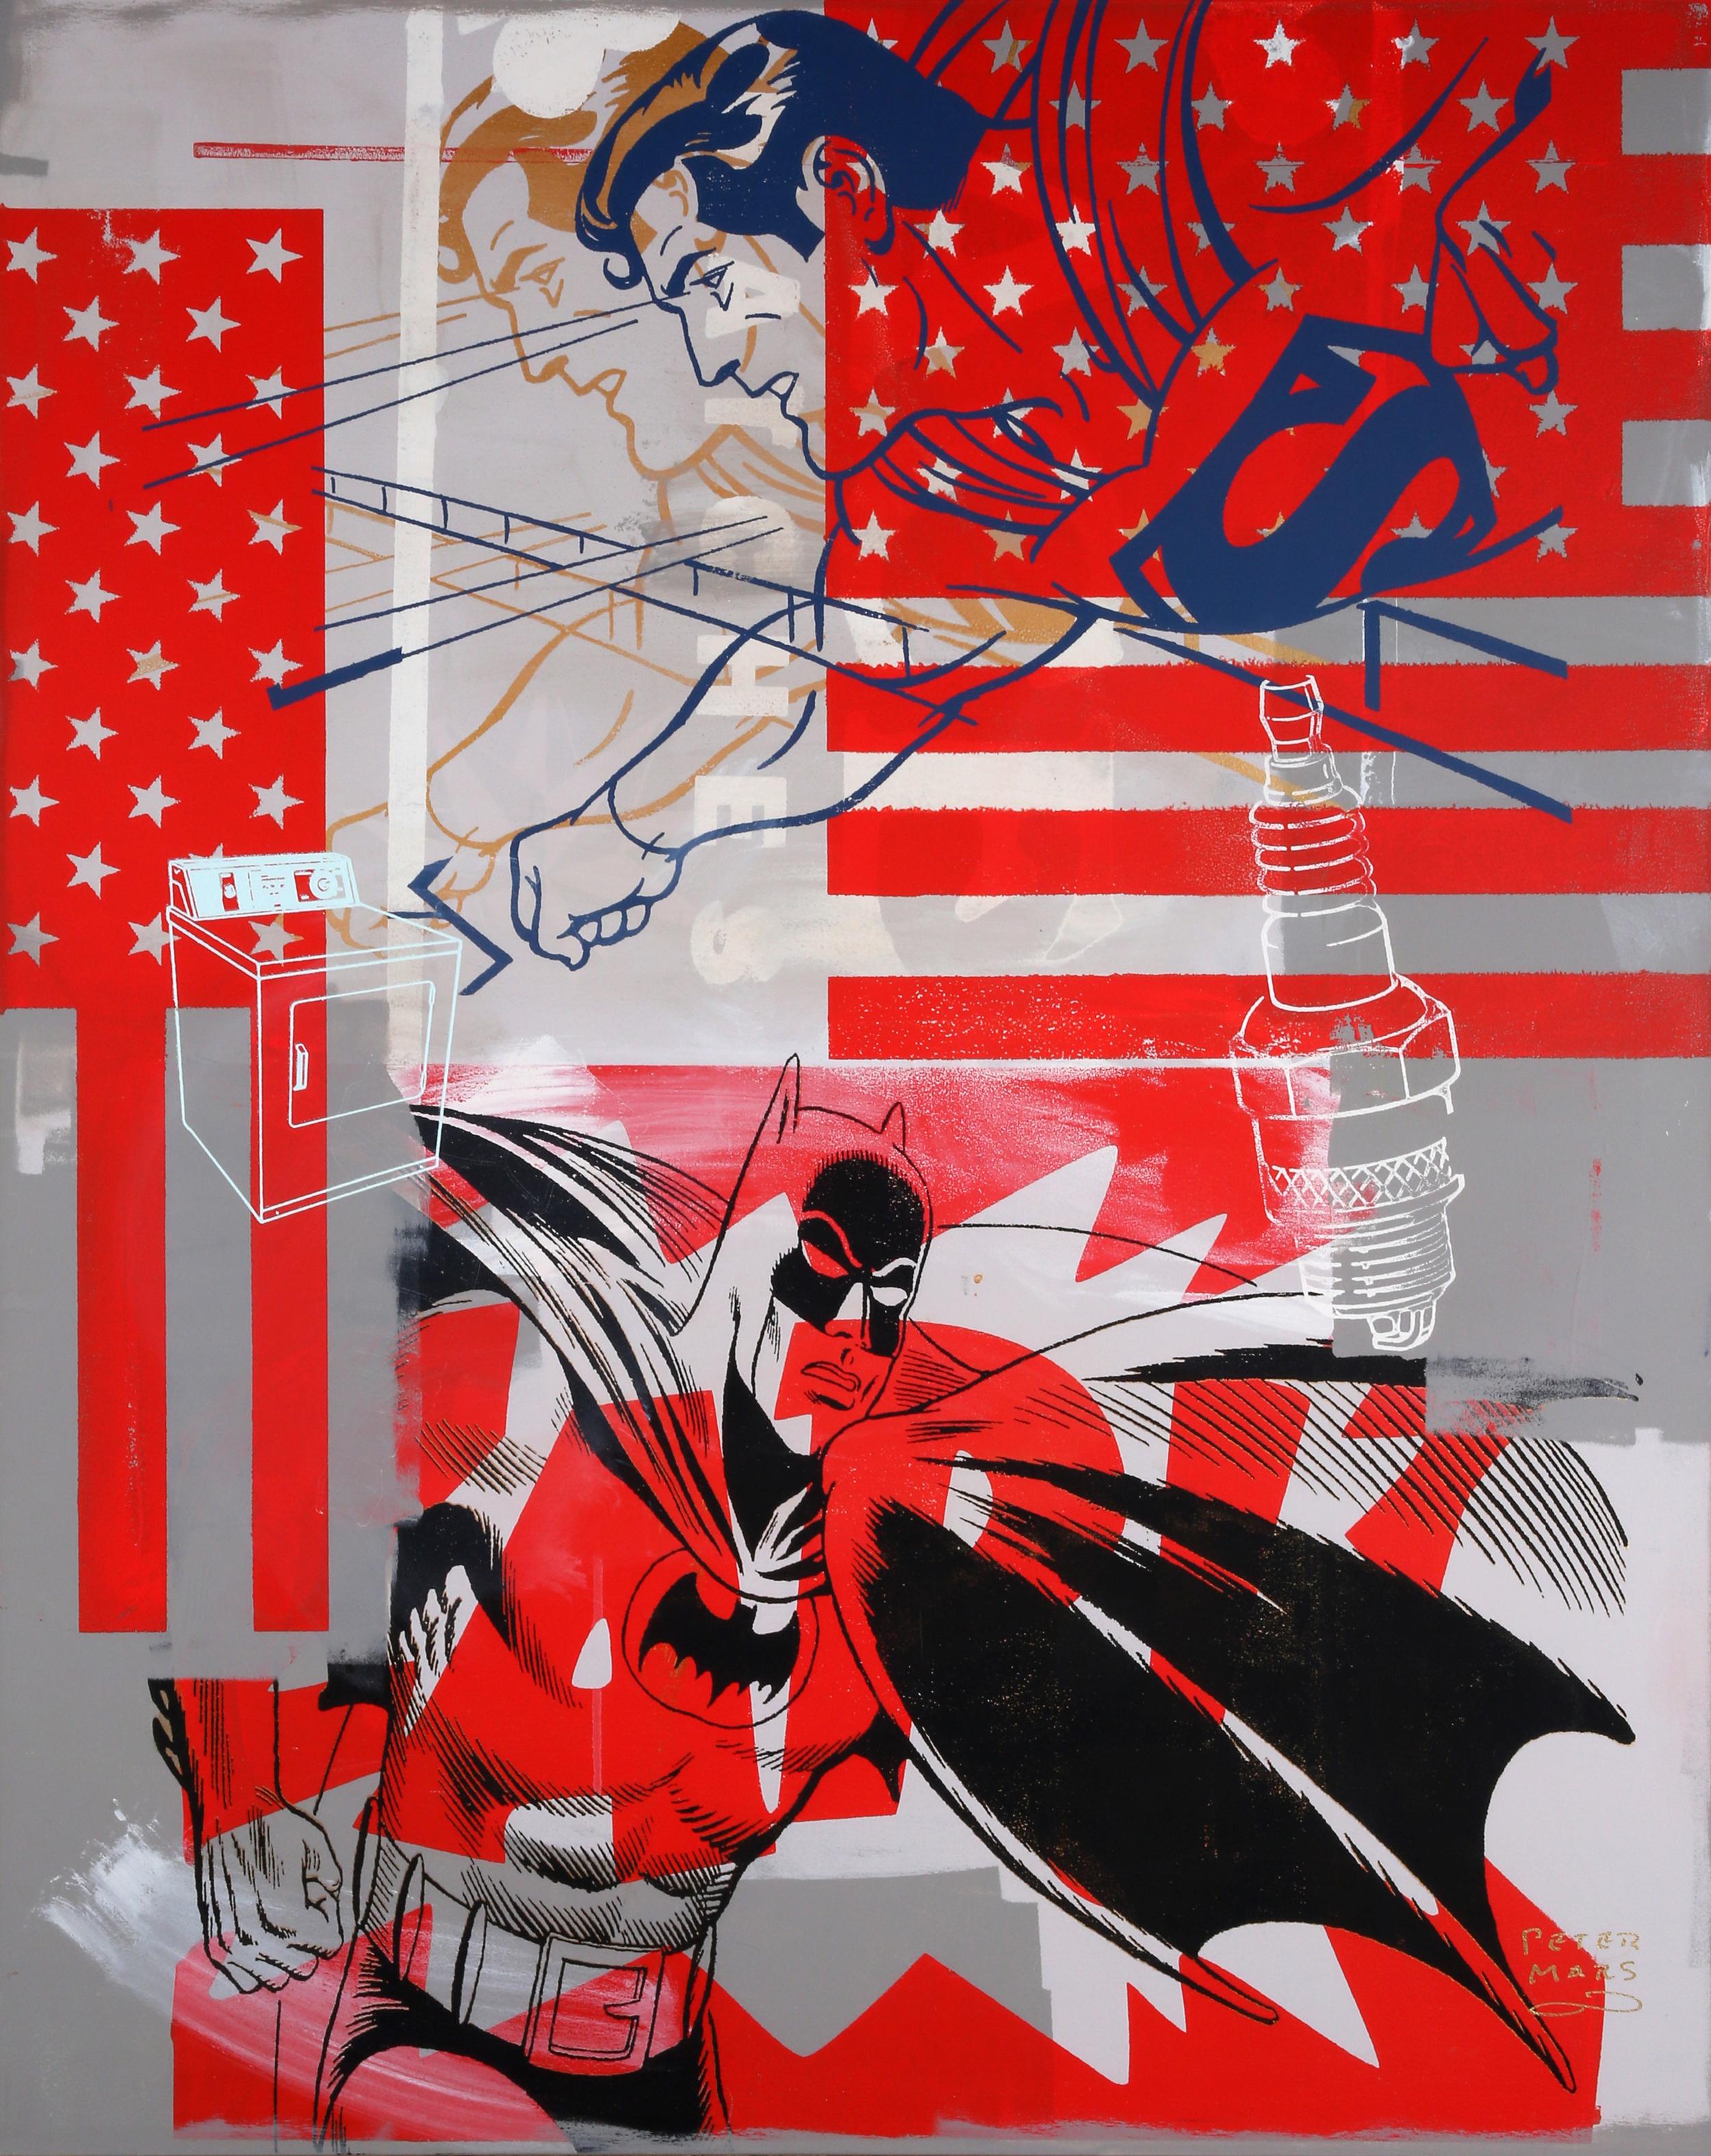 All American Heroes by Peter Mars